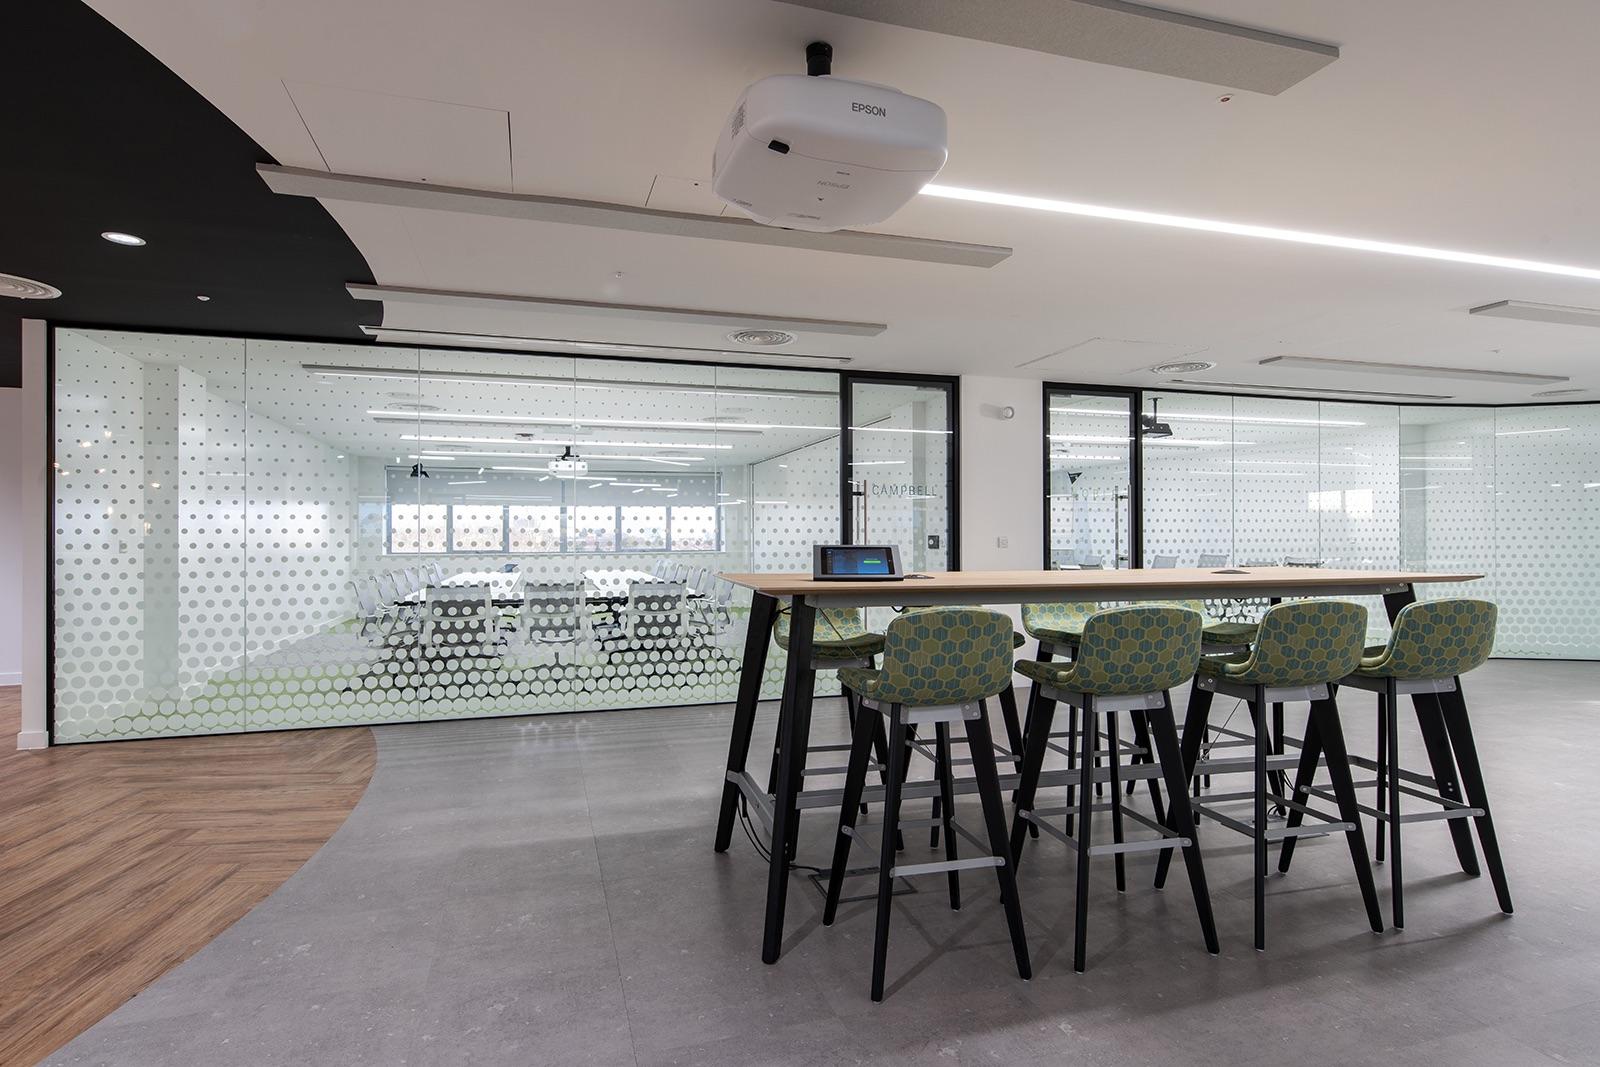 autodesk-london-office-9